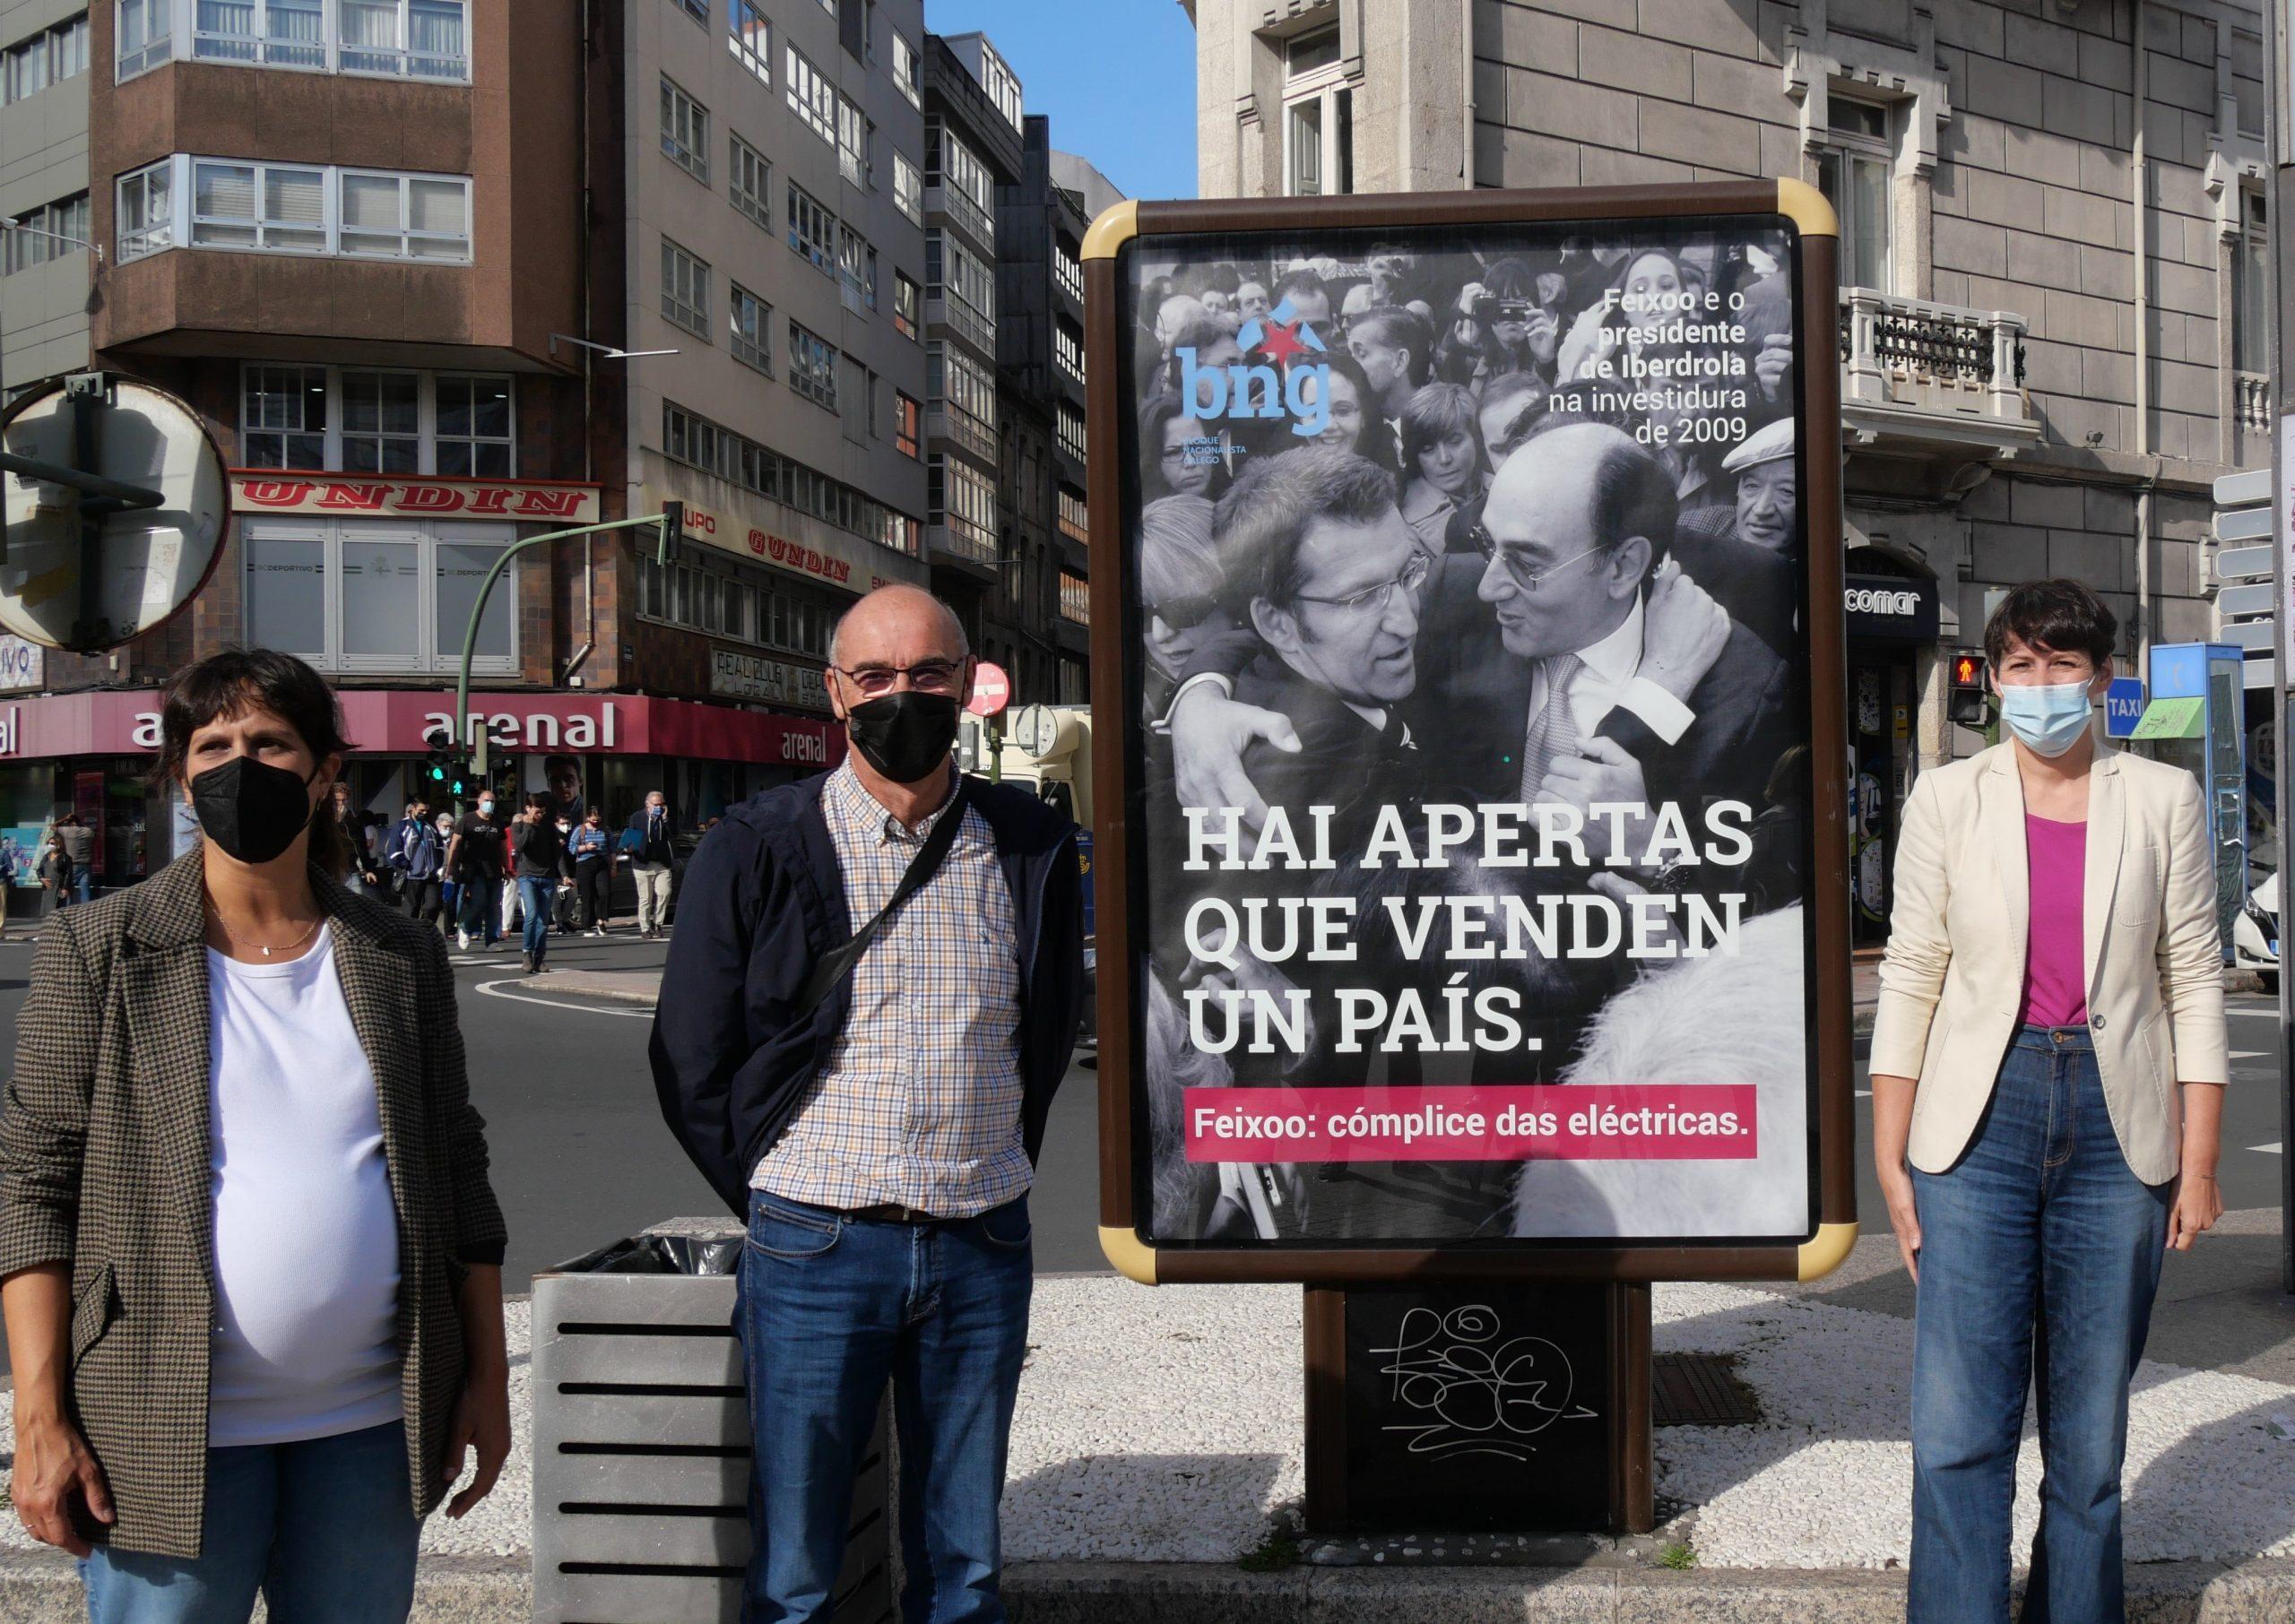 Campaña do BNG para denunciar a complicidade de Feixóo co lobby eléctrico e en defensa dunha tarifa eléctrica galega